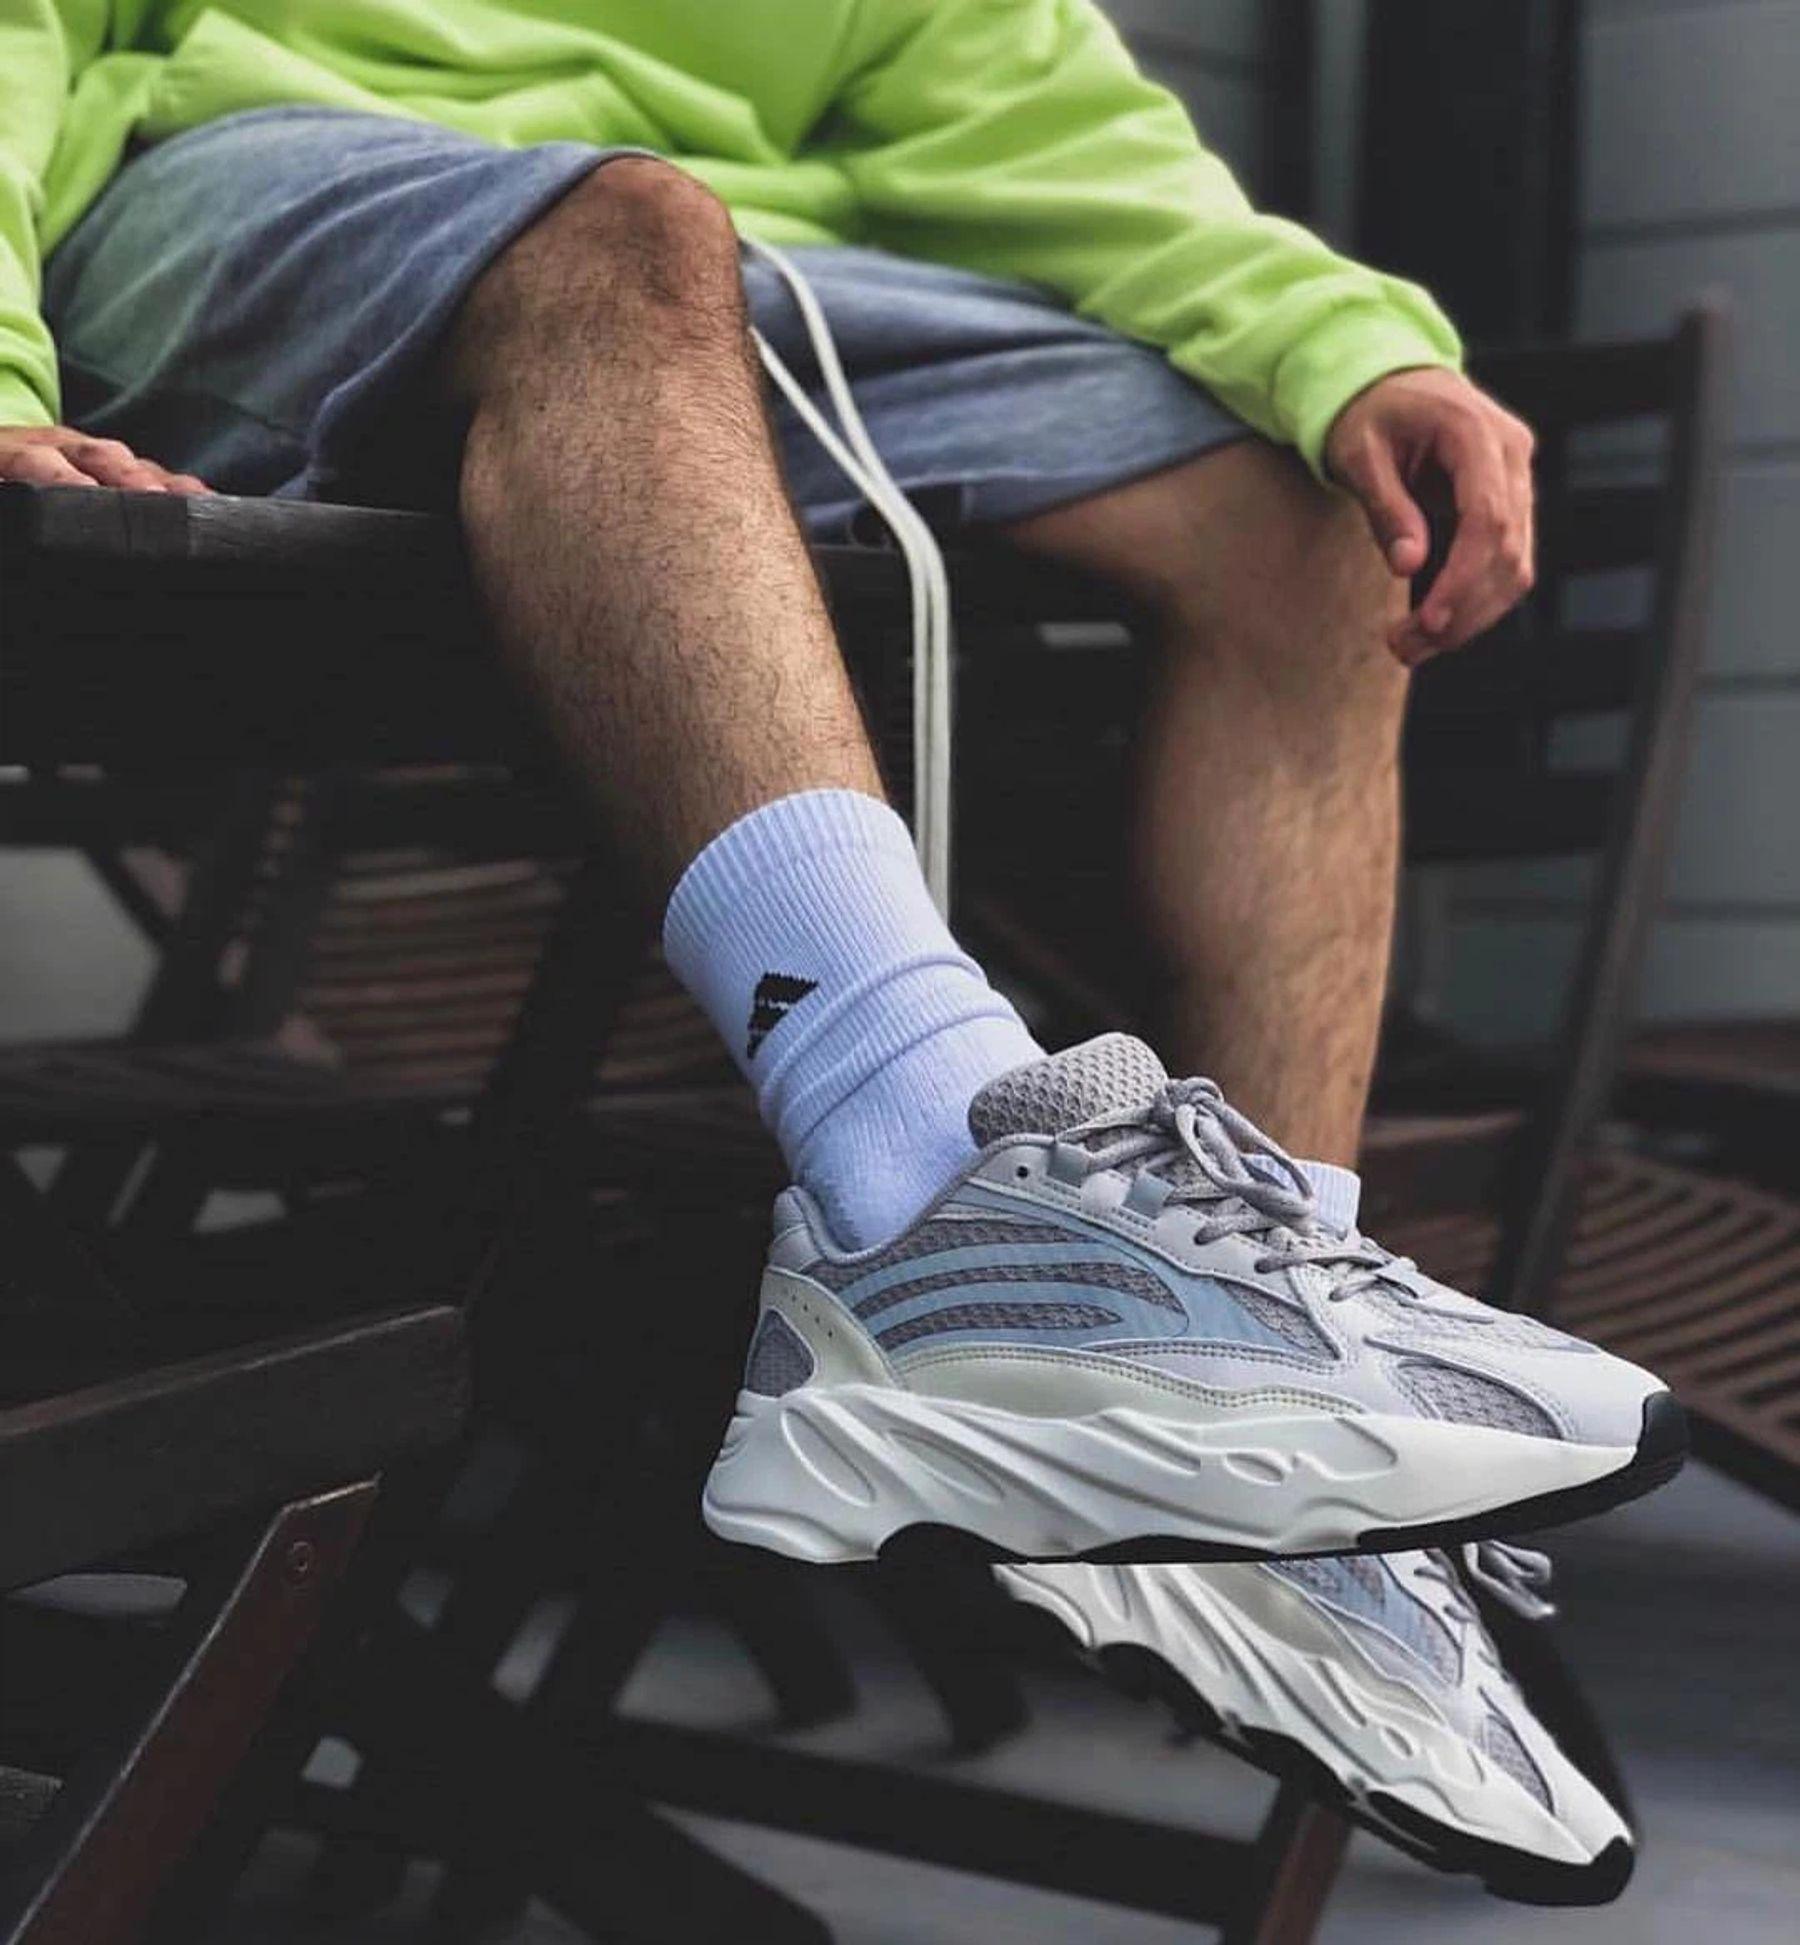 Tặng giày thể thao cho bạn trai